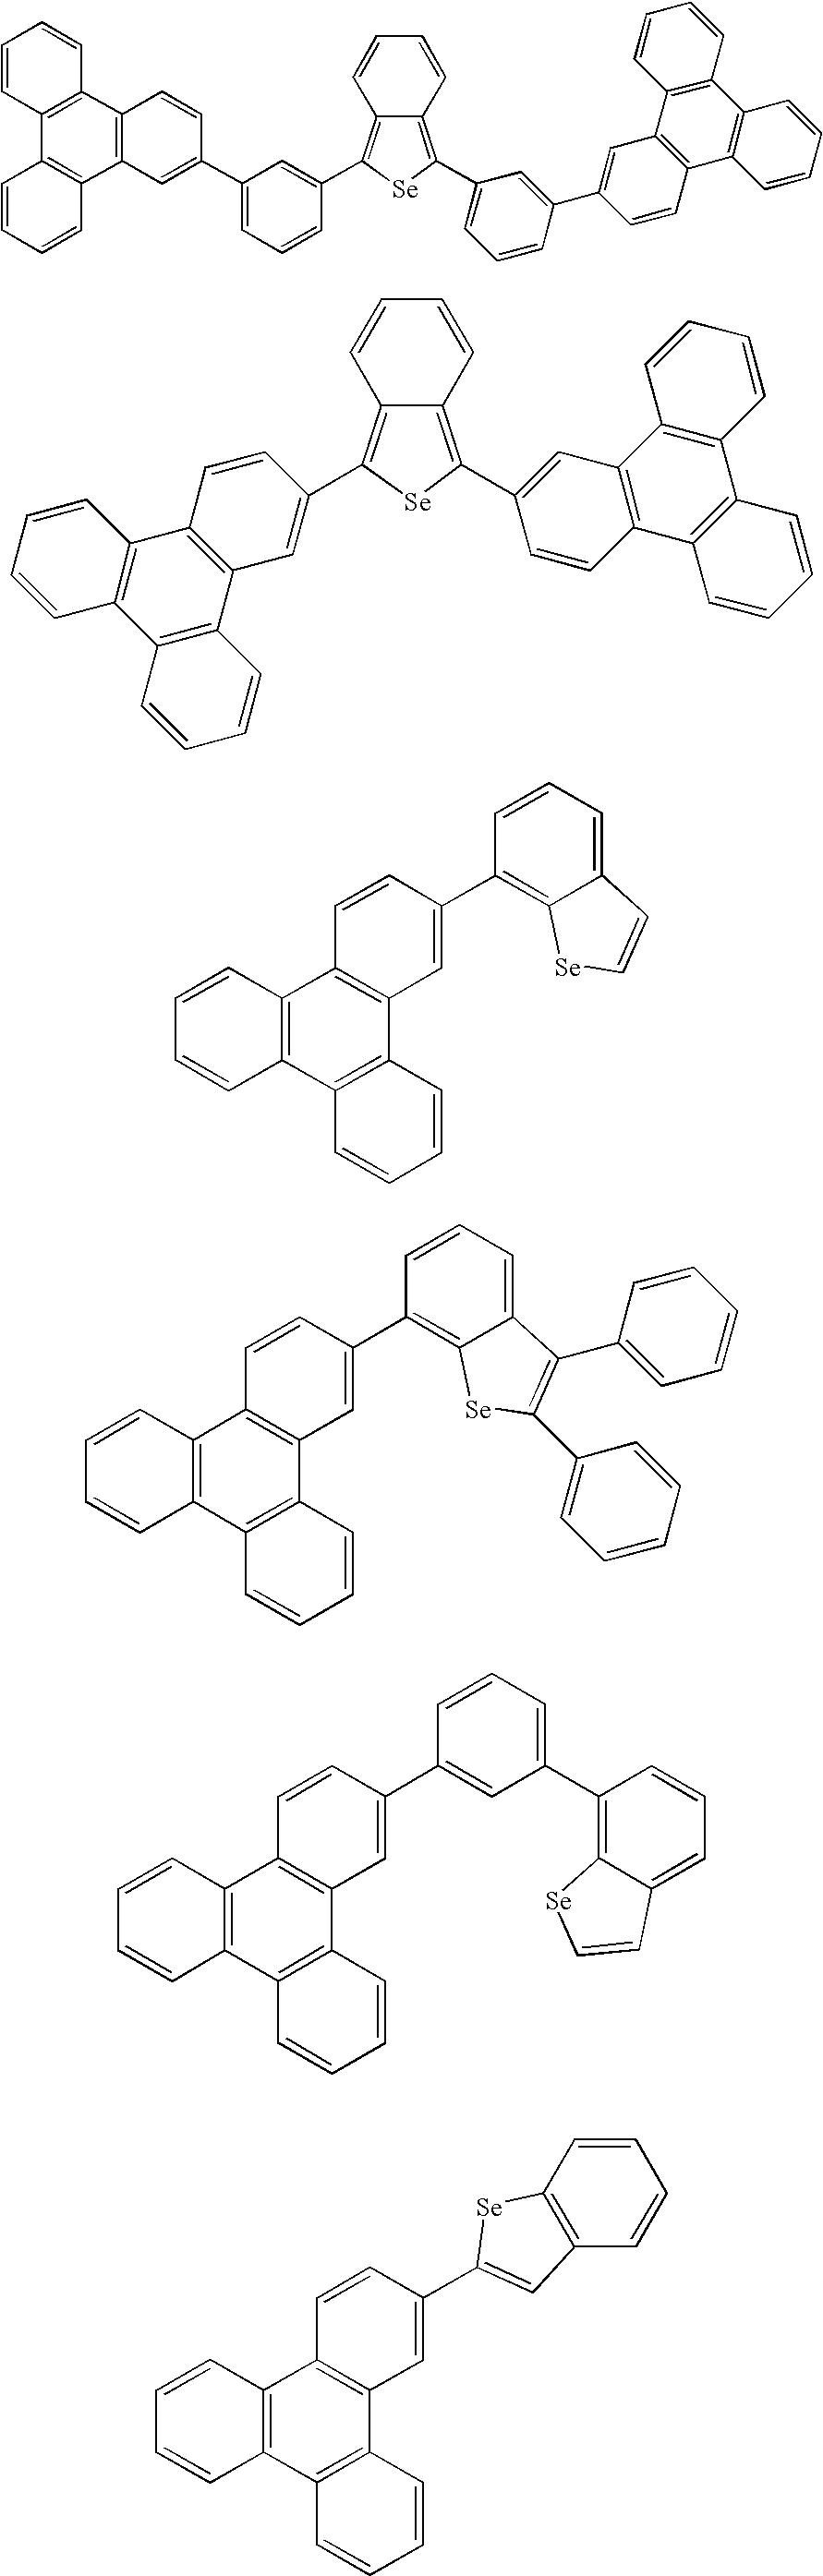 Figure US20100072887A1-20100325-C00216